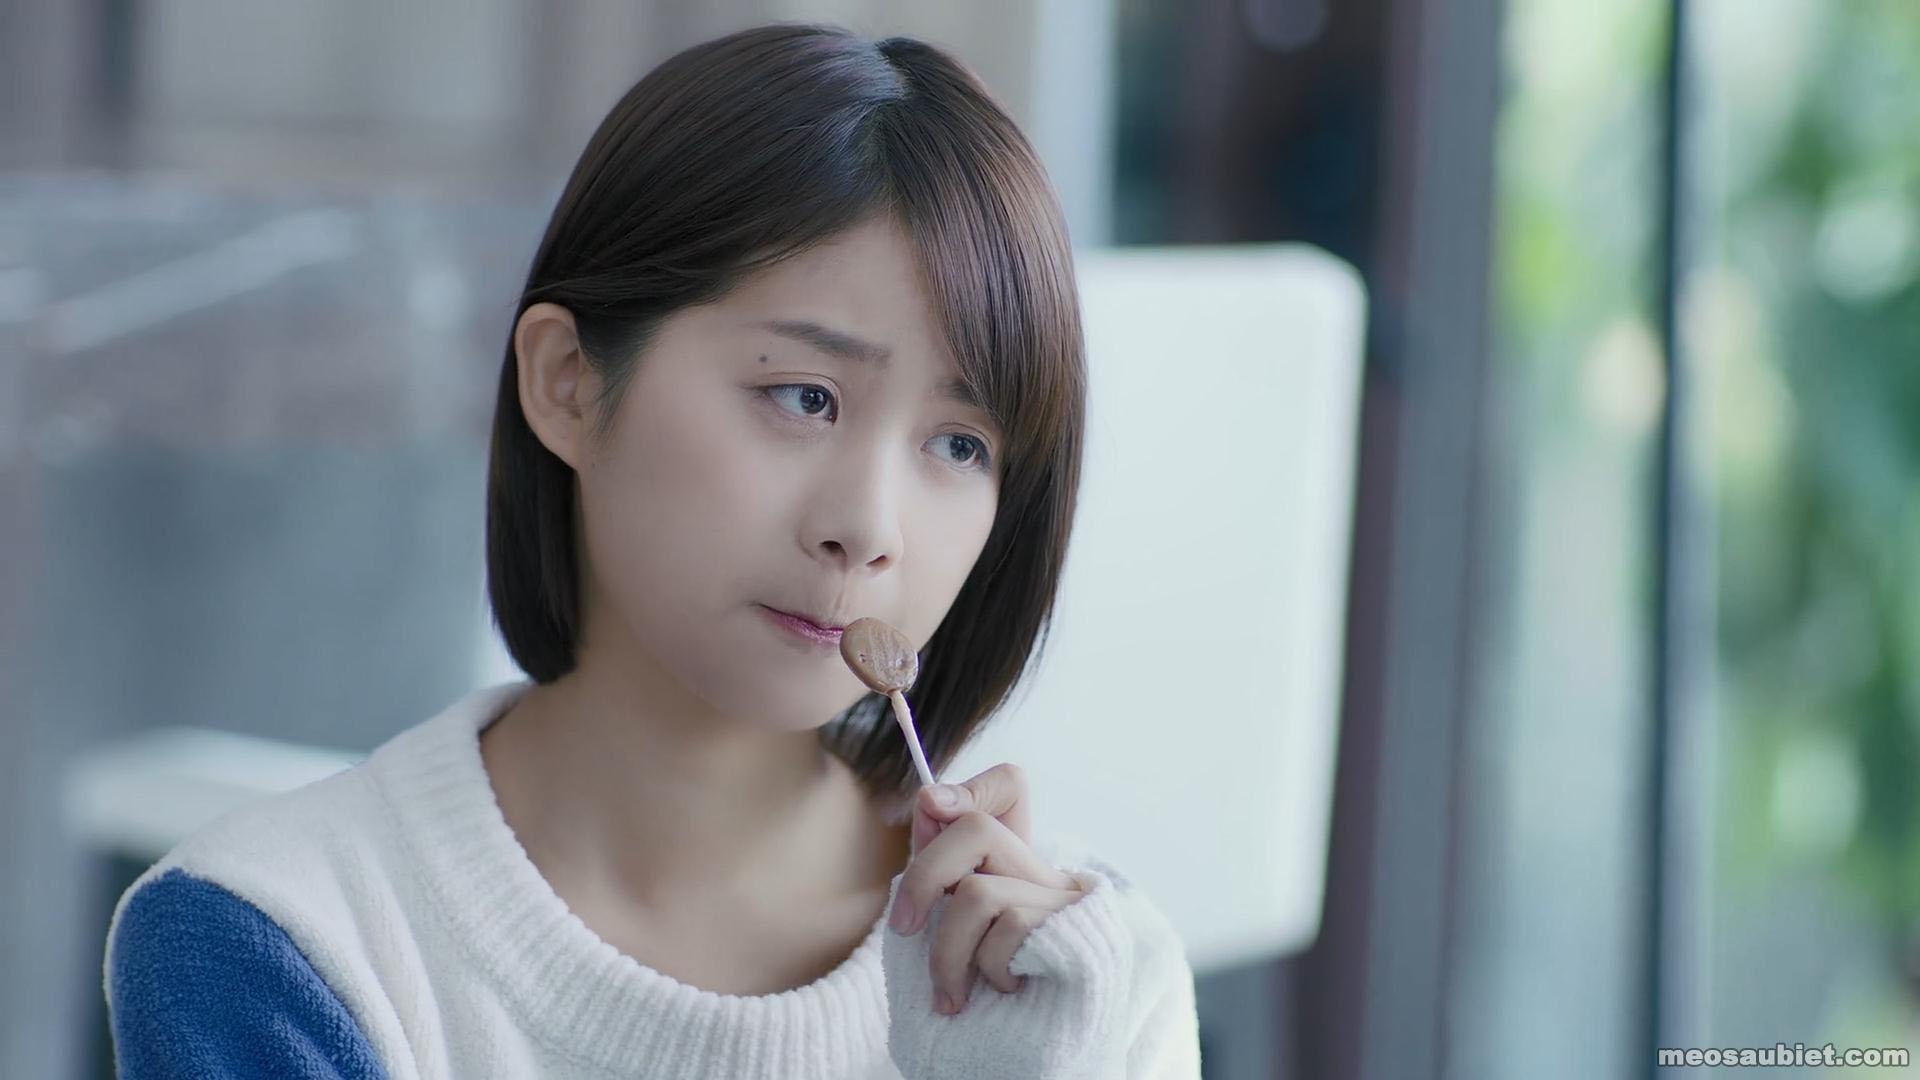 Chín cây số tình yêu 2019 Lý Đình Đình trong vai Trình Tranh